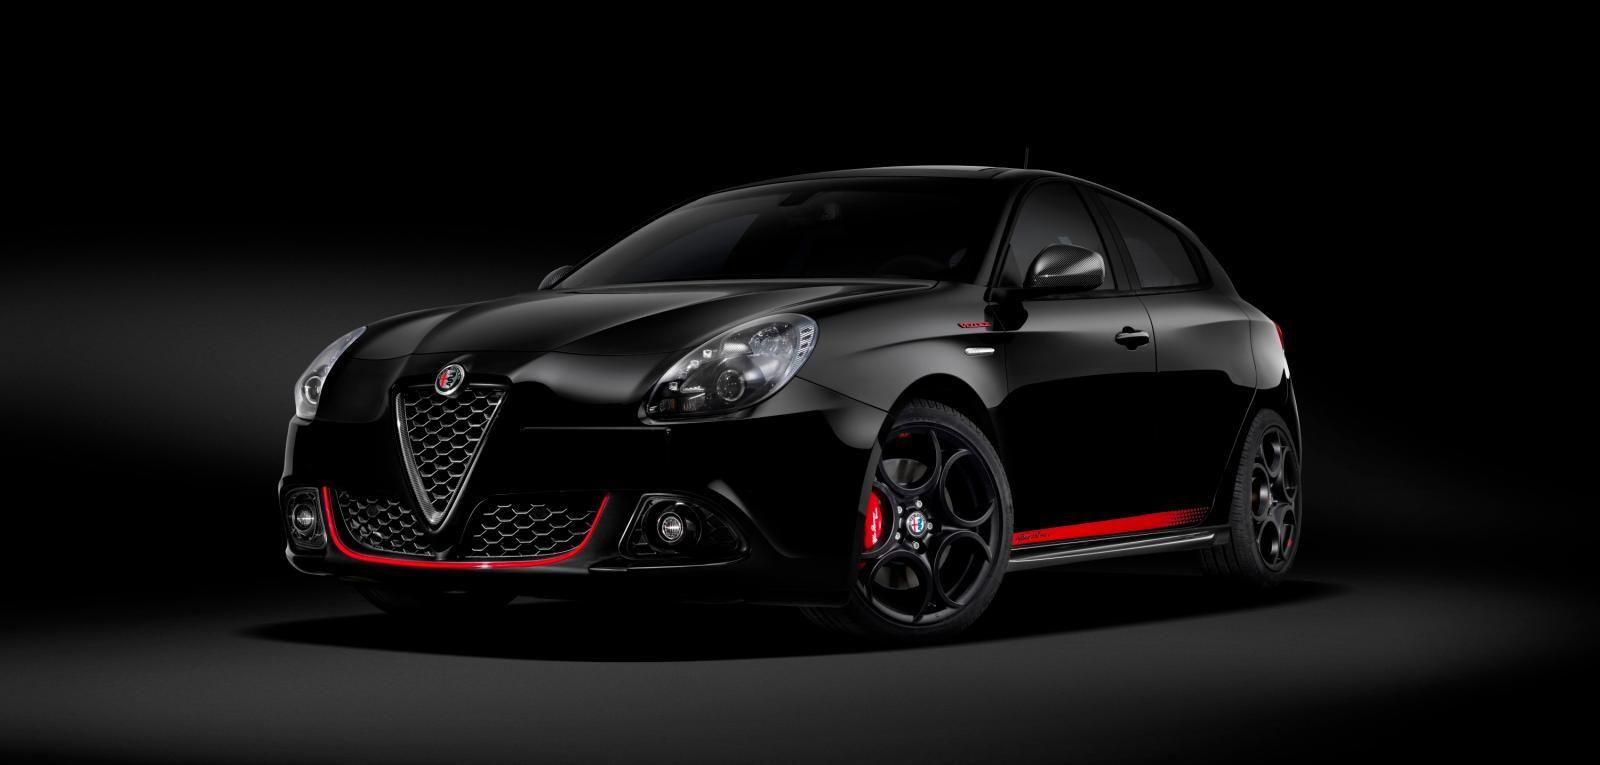 Alfa Romeo Giulietta Veloce S and Mito Veloce S Cars